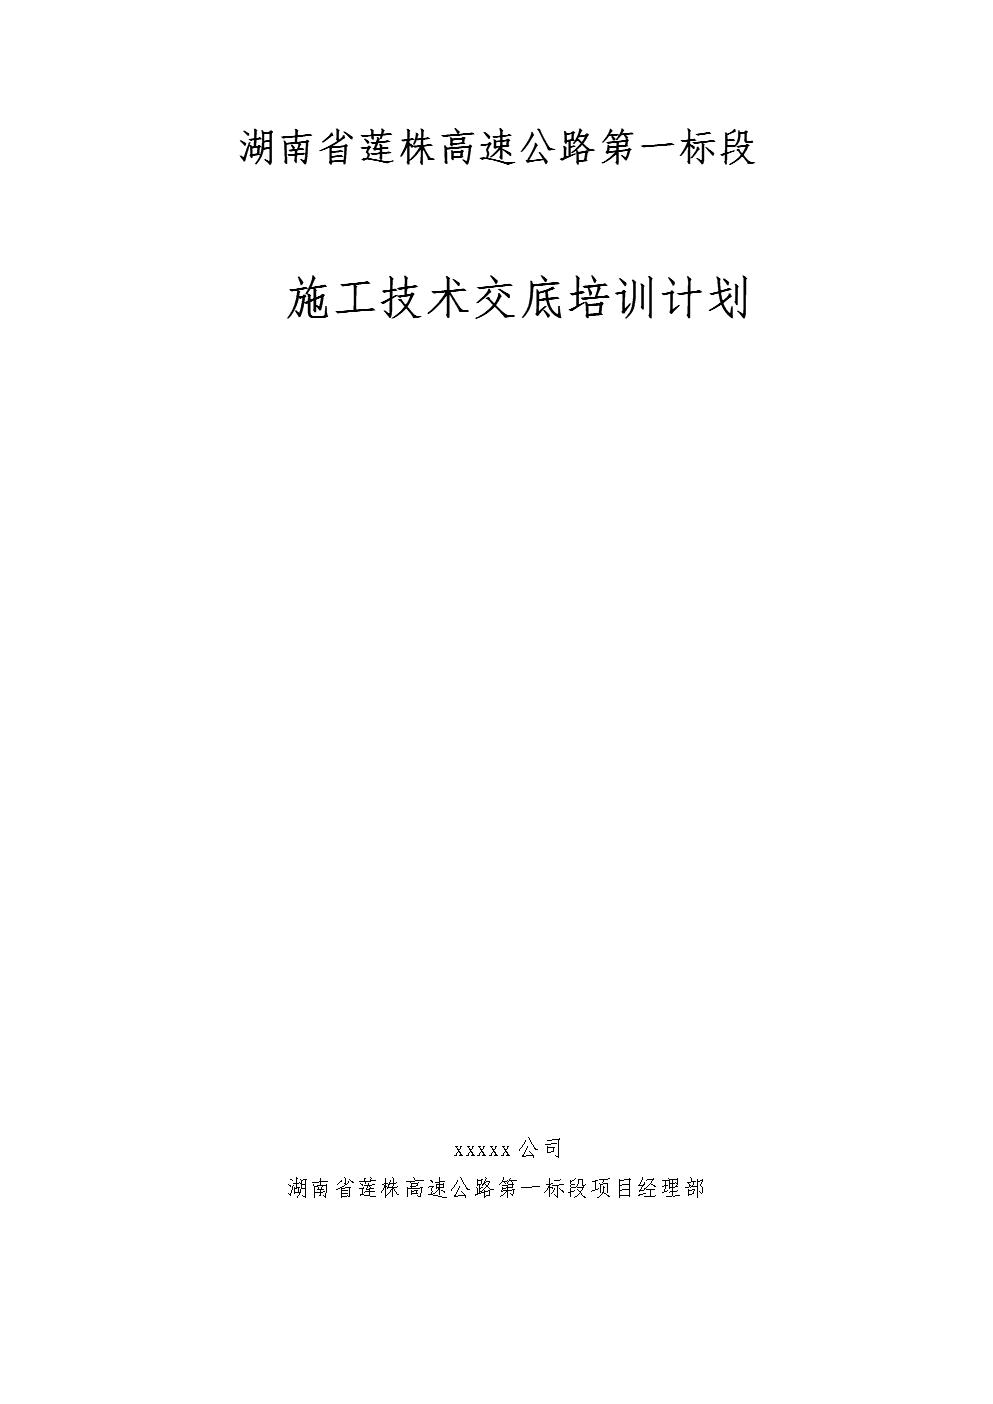 施工技术交底的培训计划.doc